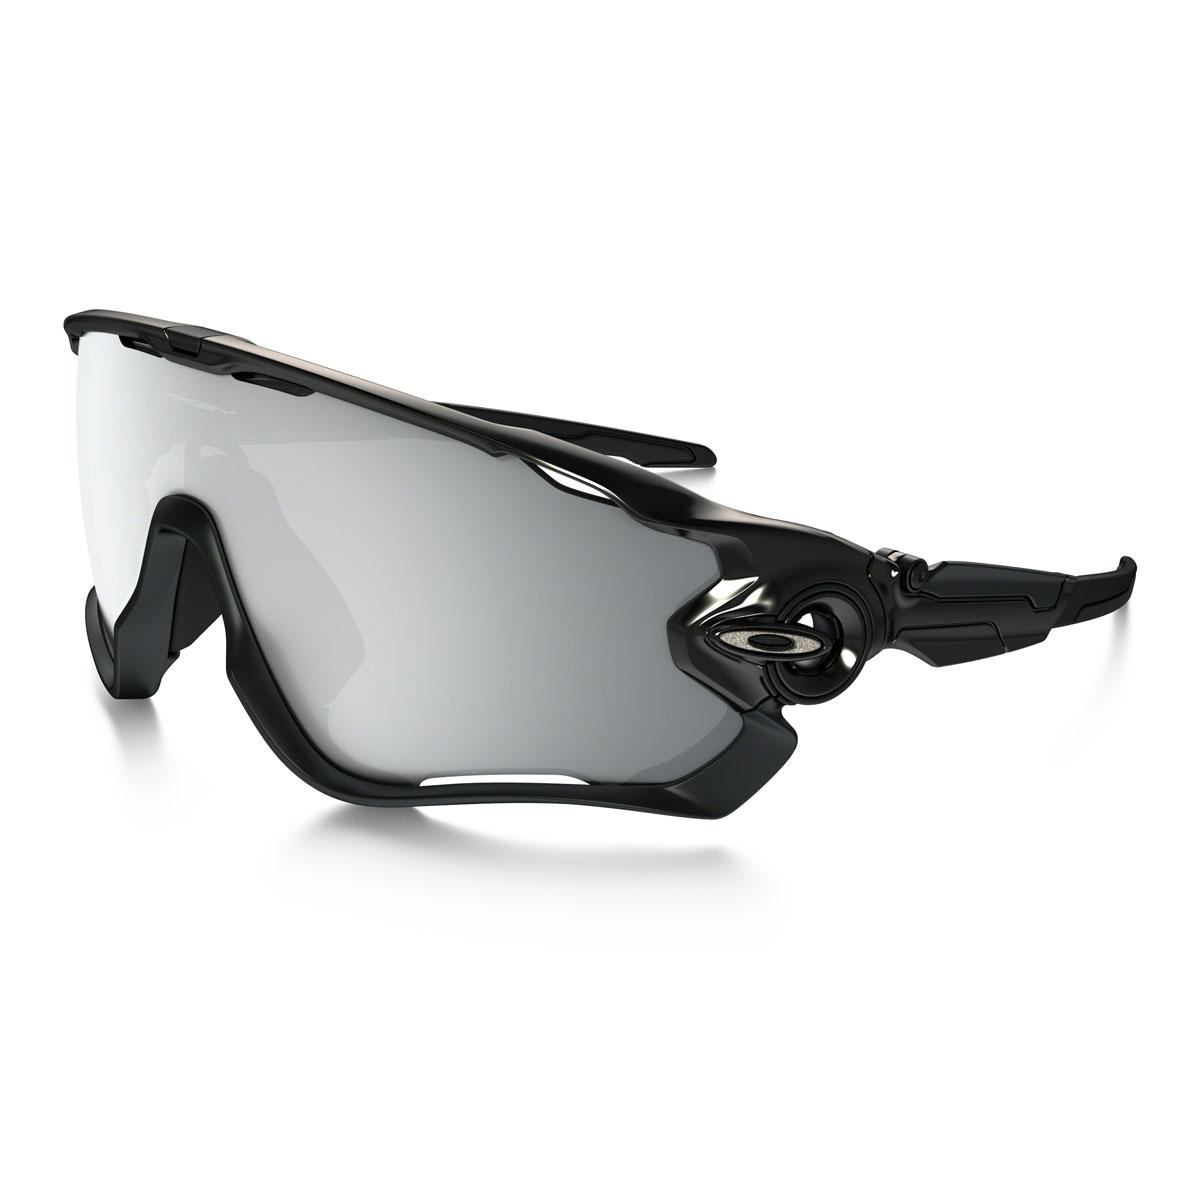 Oakley Jawbreaker Men\'s Sunglasses - Polished Black Frame / Chrome ...